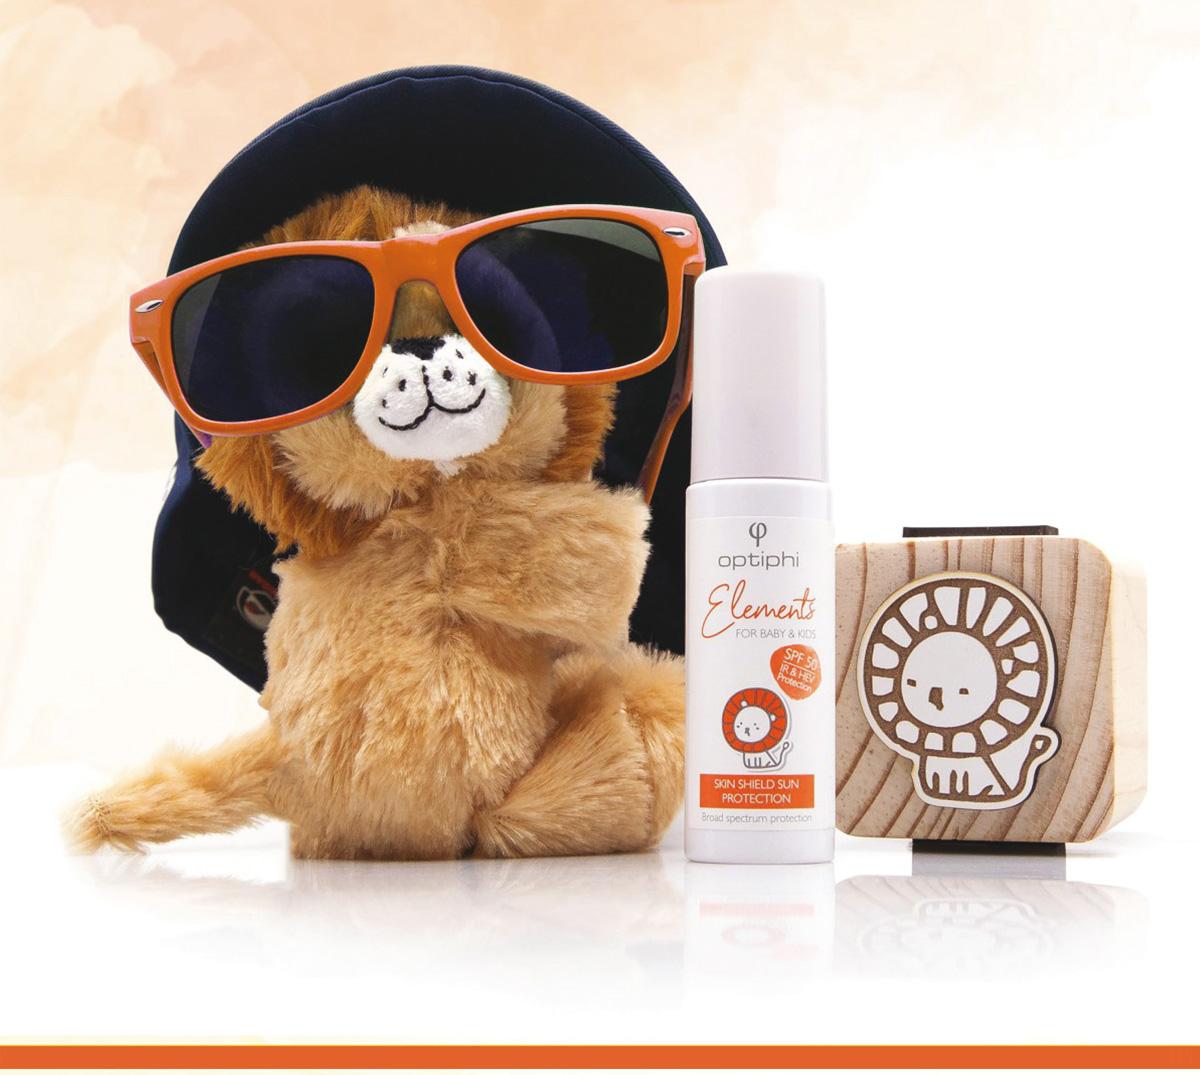 Babykosmeitk Kleiner Plüschlöwe mit rotbrauner viel zu großer Sonnenbrille und zu großen schwarzen Hut mit Baby Sonnenpflege Produkt und Holzwürfel mit handgemalten Löwen